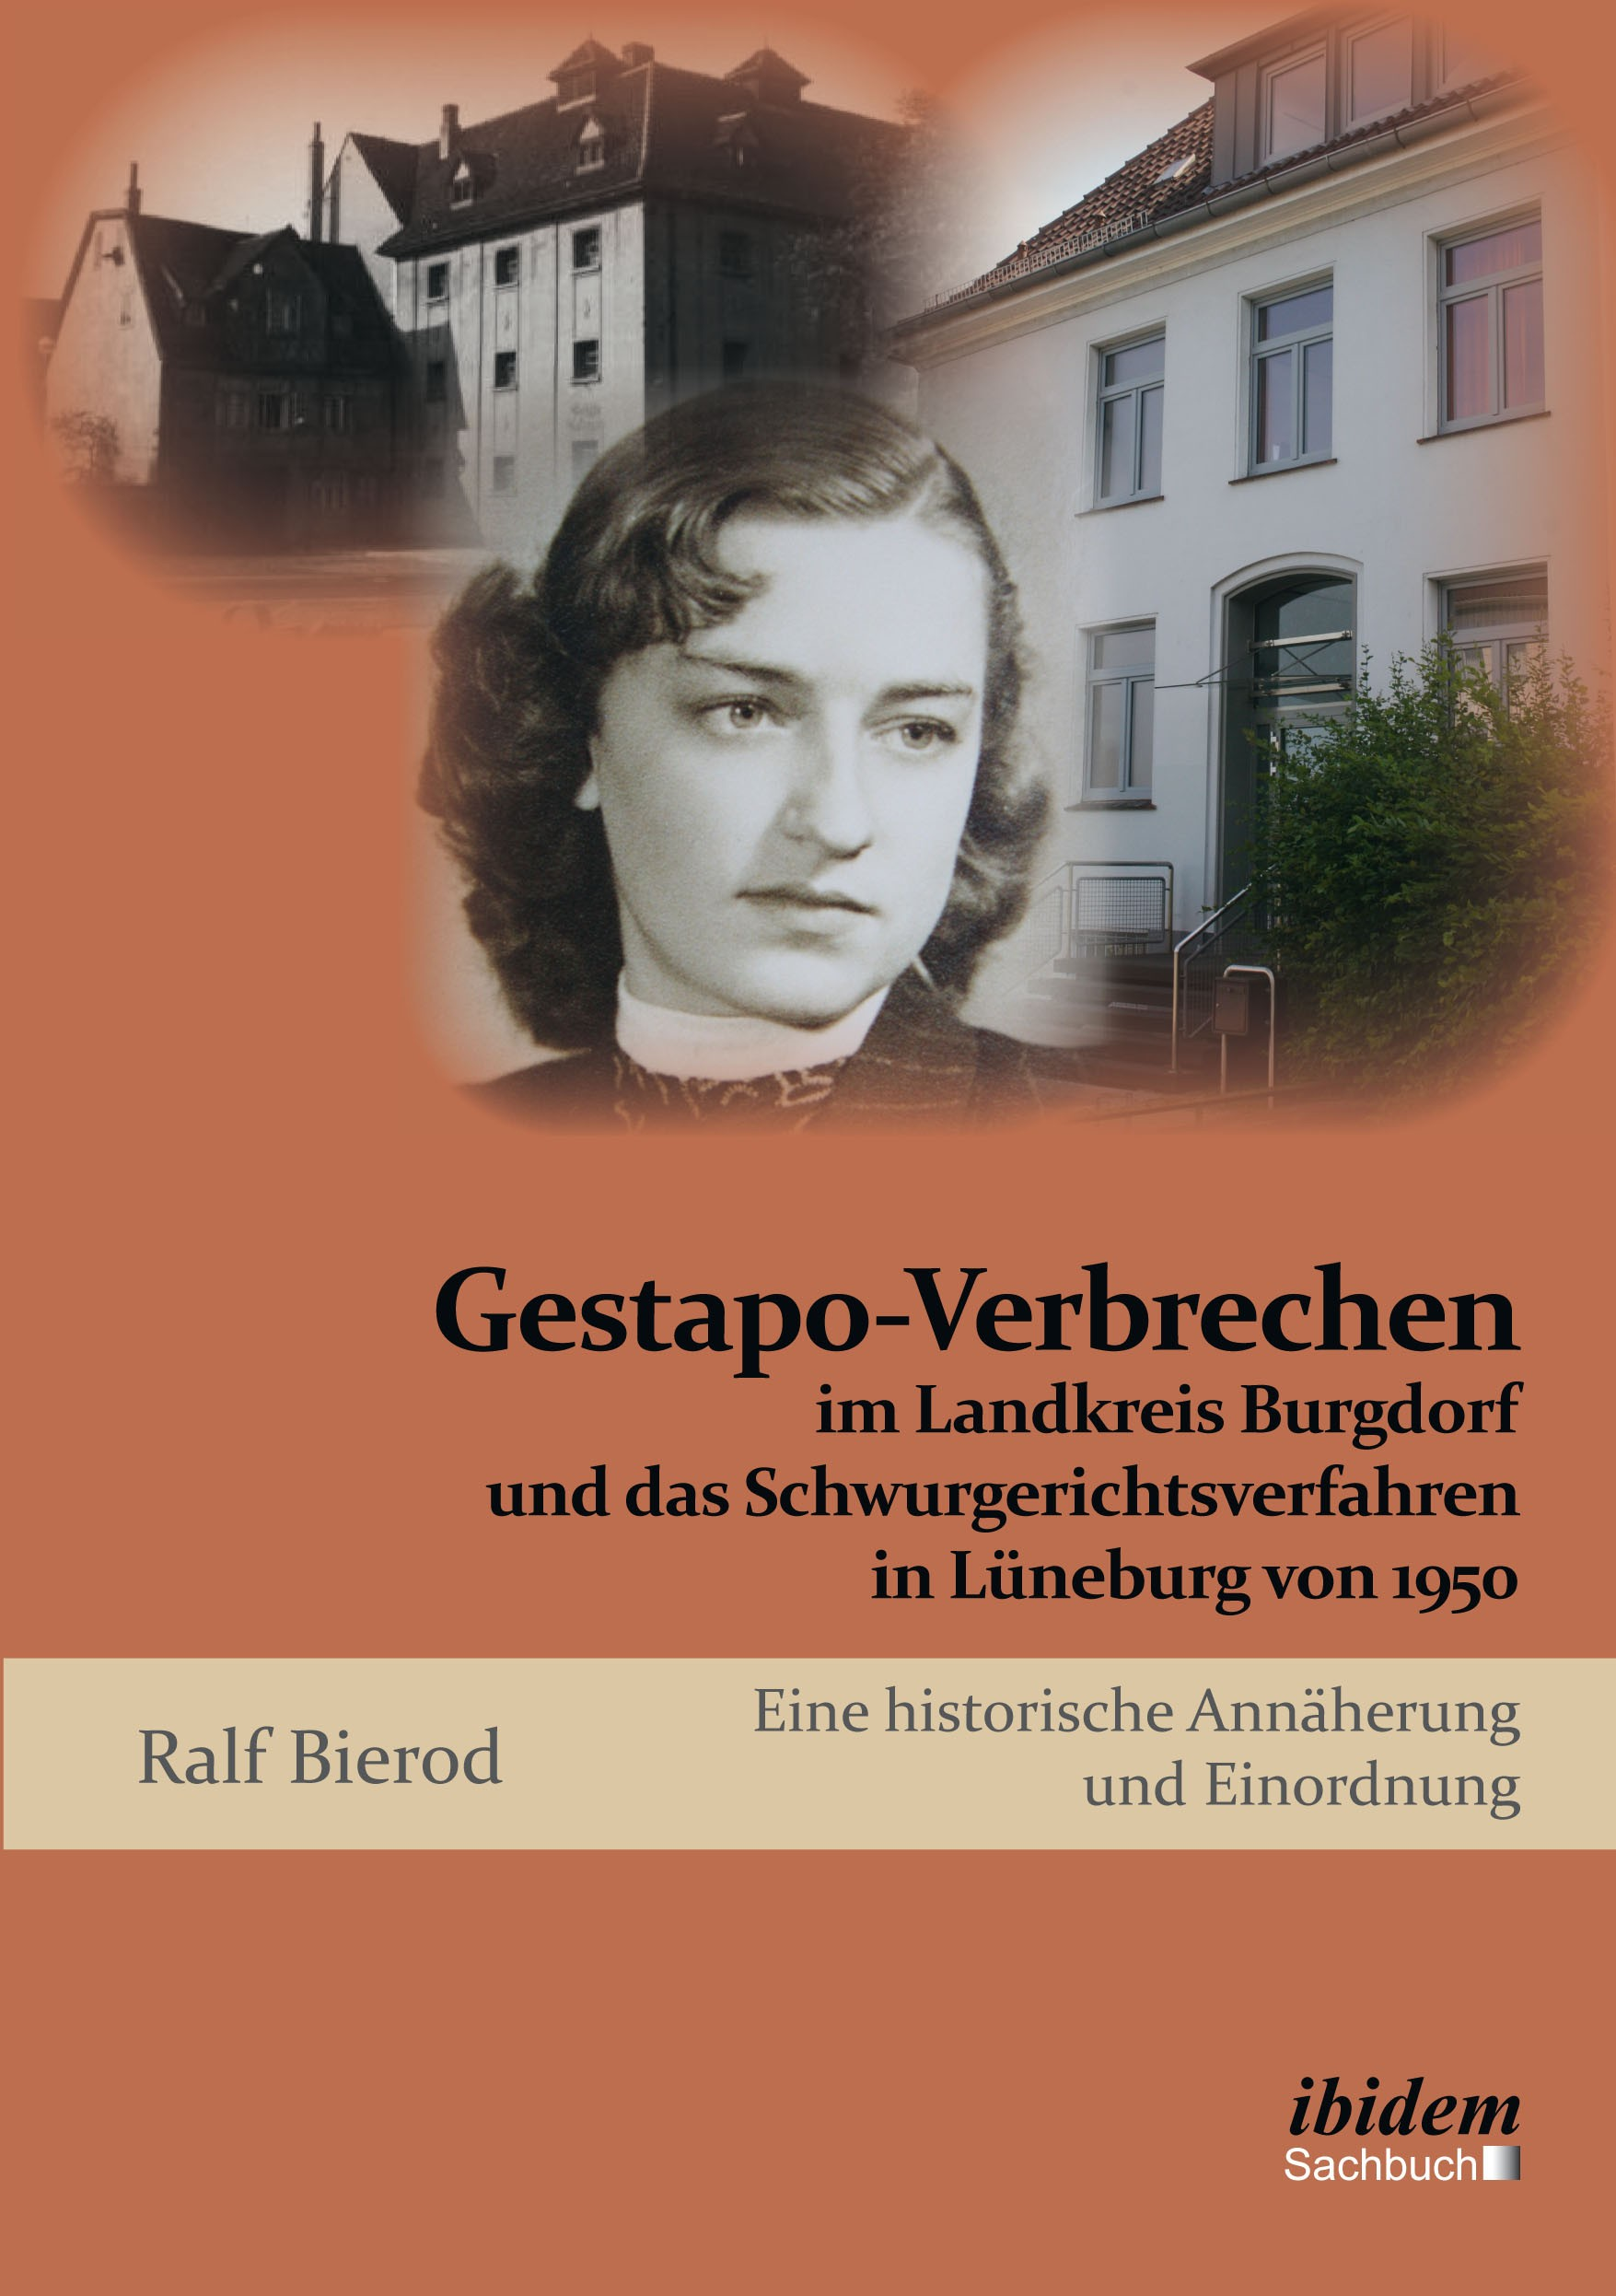 Gestapo-Verbrechen im Landkreis Burgdorf und das Schwurgerichtsverfahren in Lüneburg von 1950